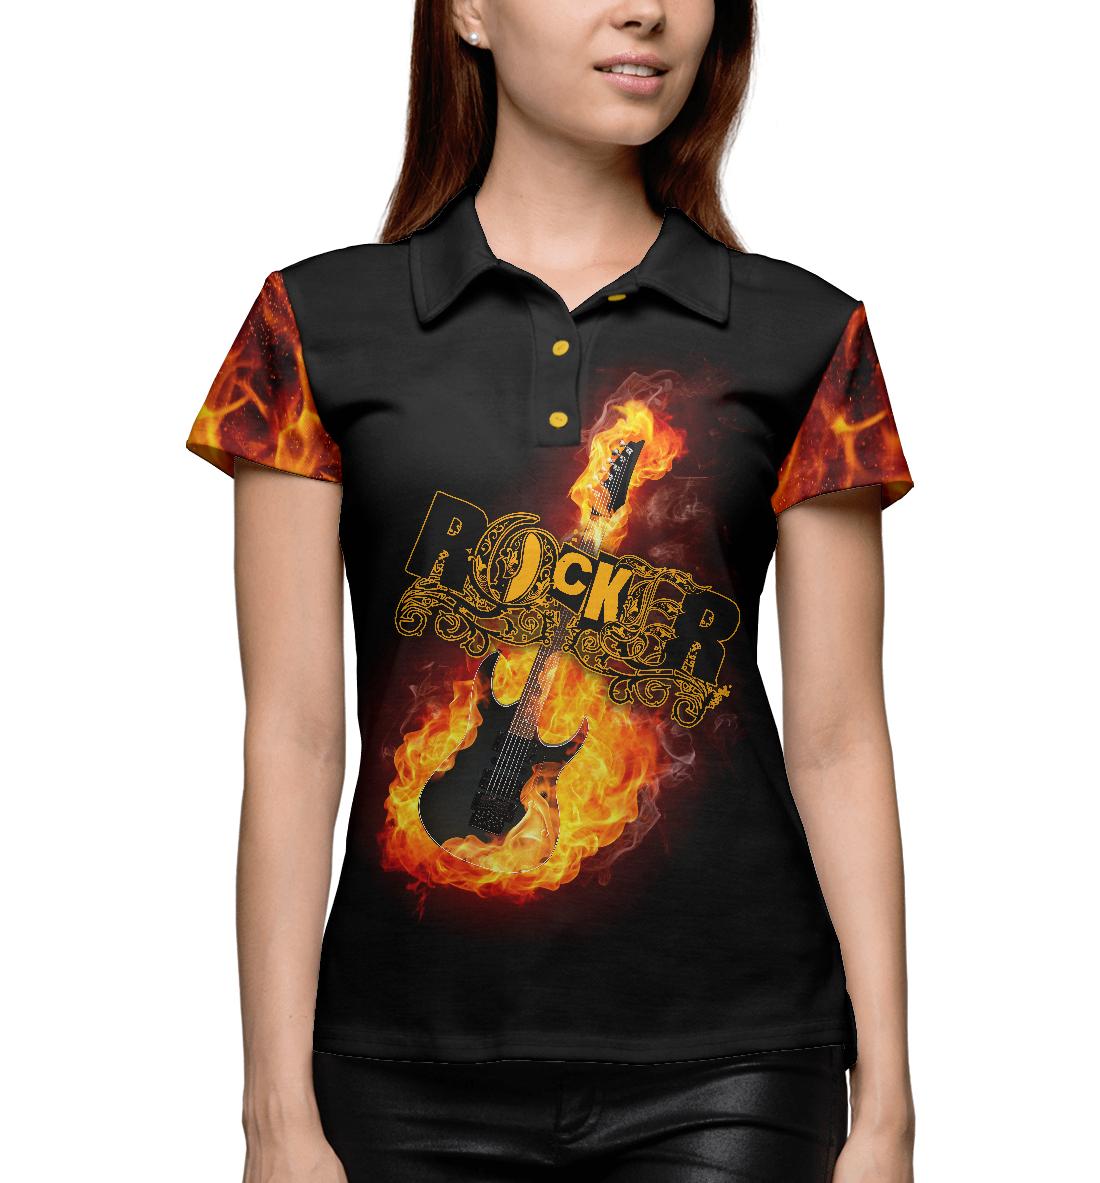 Купить Fire Guitar Rocker, Printbar, Поло, MZK-846965-pol-1